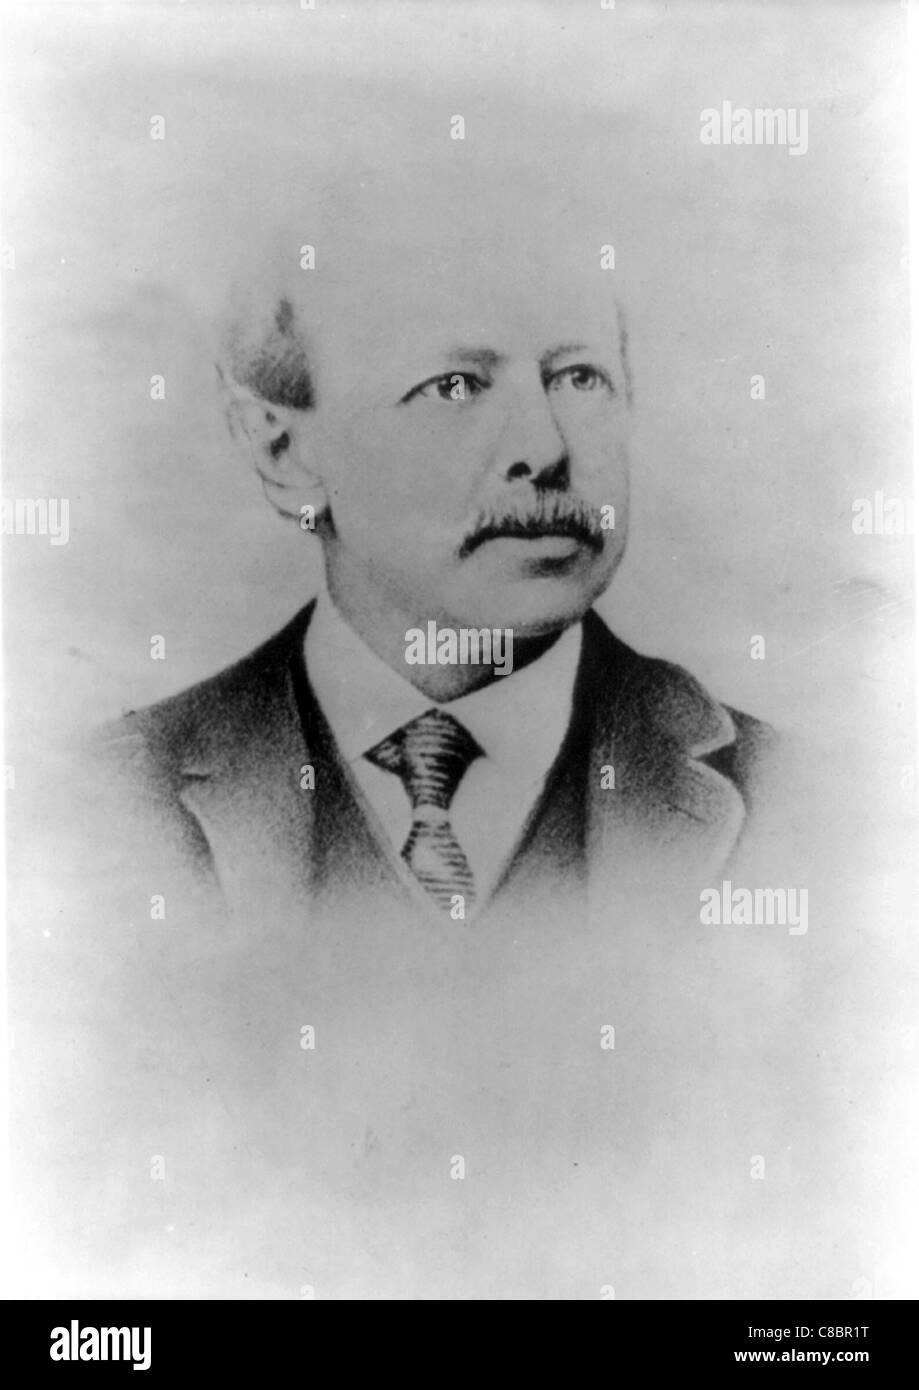 Horatio Alger, Jr. 19th-century autor americano Imagen De Stock